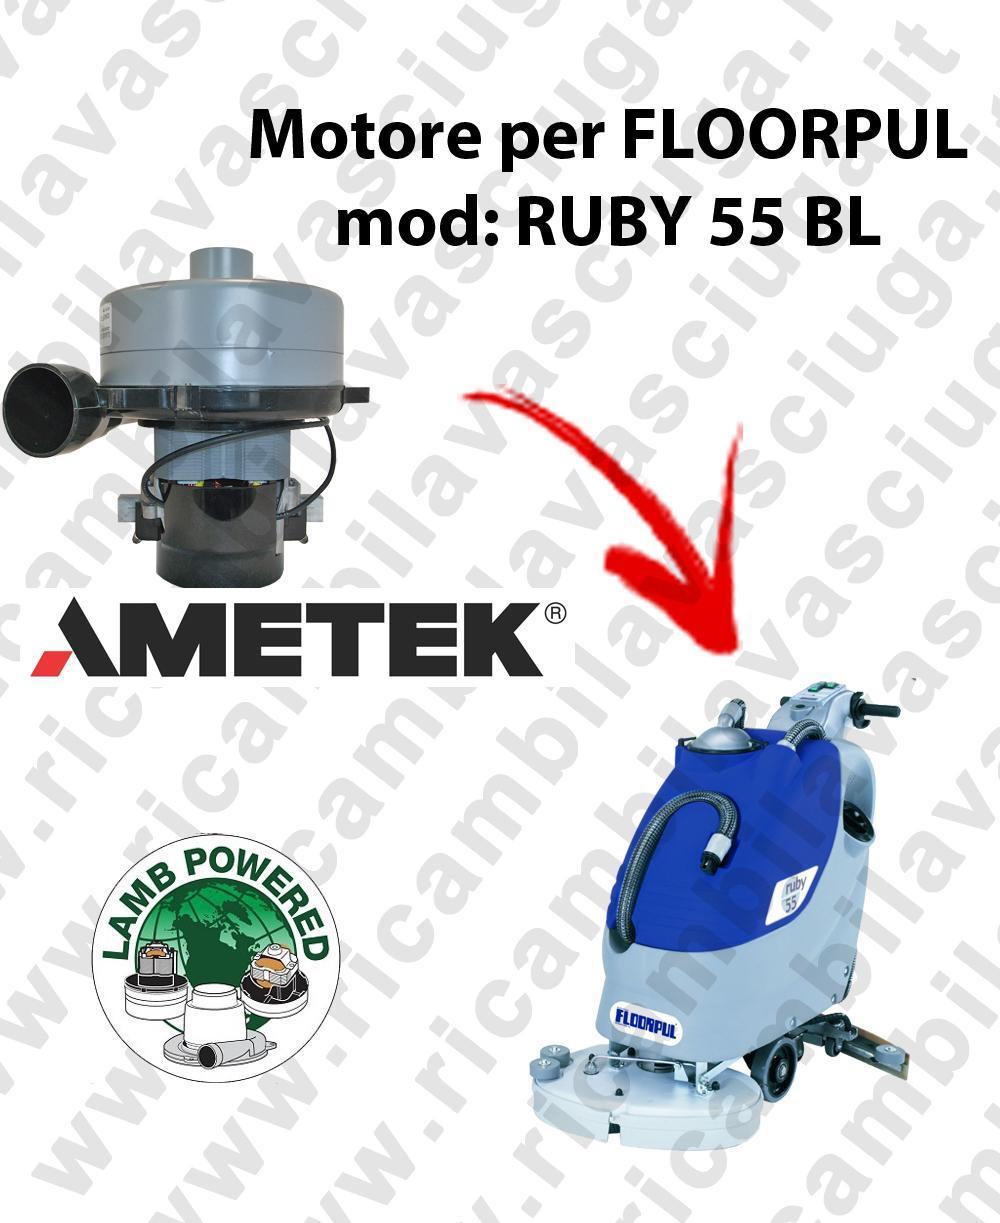 RUBY 55 BL MOTEUR ASPIRATION LAMB AMATEK pour autolaveuses FLOORPUL